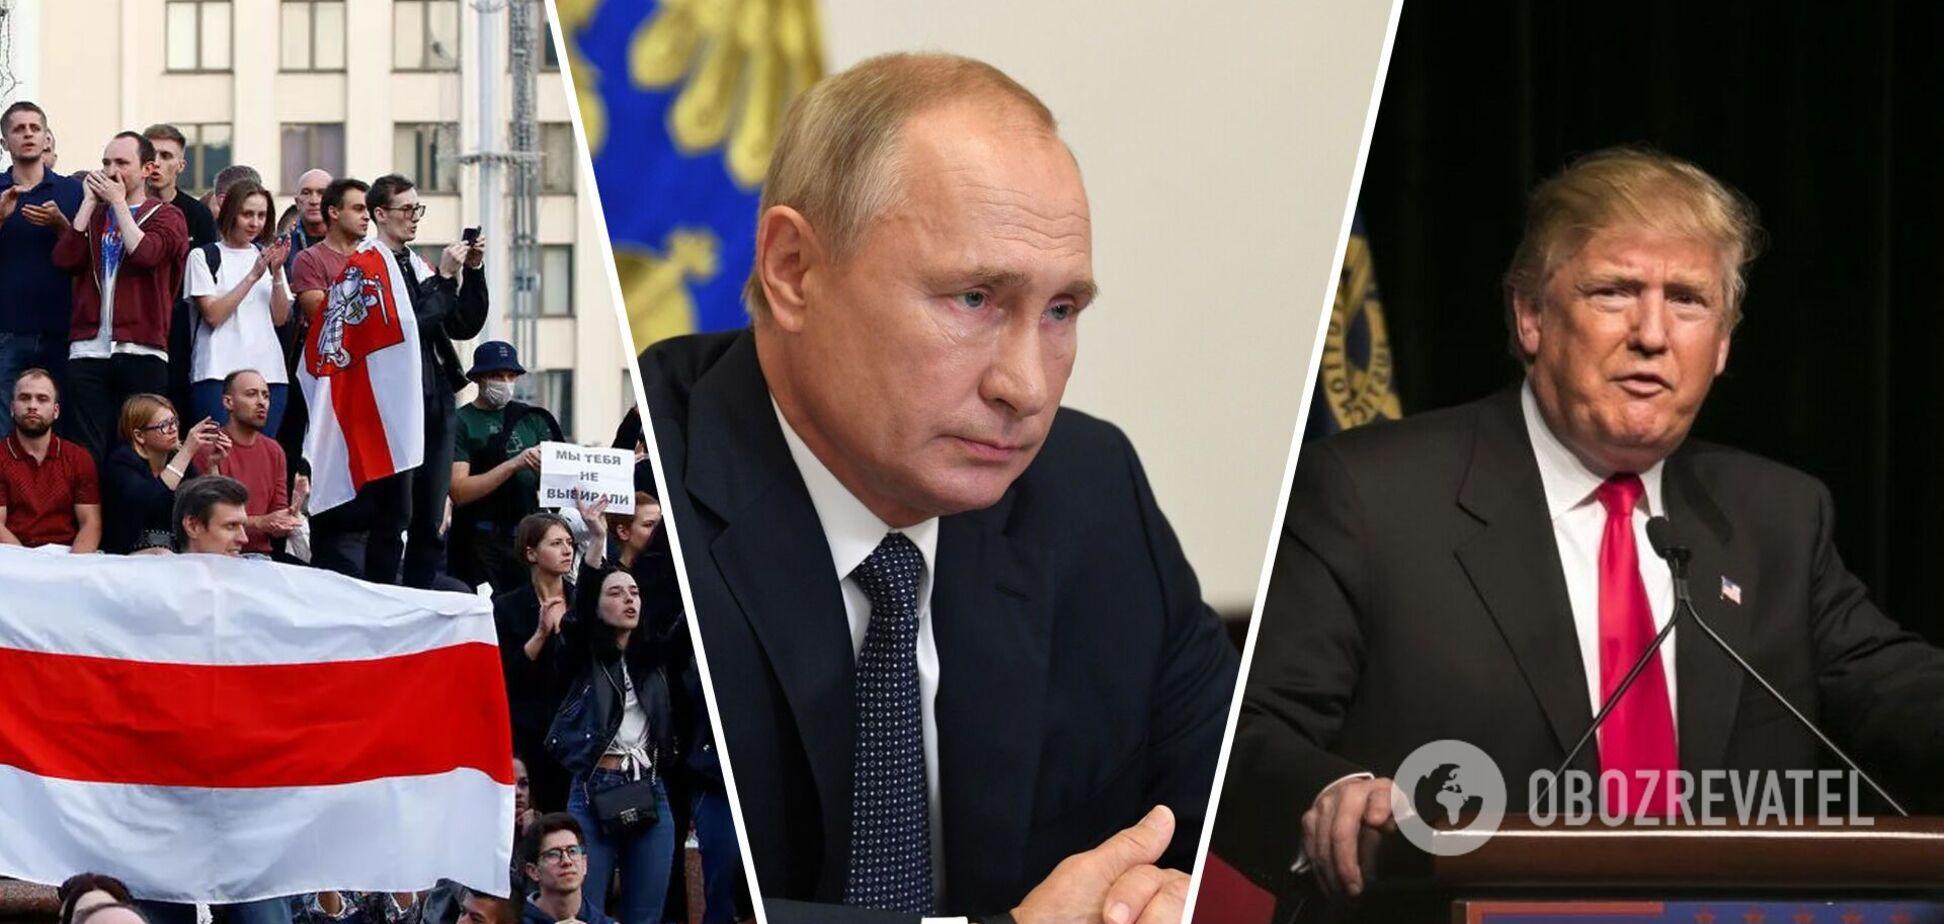 Каспаров: Росія втрачає свій вплив, 2020 виявився вкрай невдалим для Путіна. Інтерв'ю